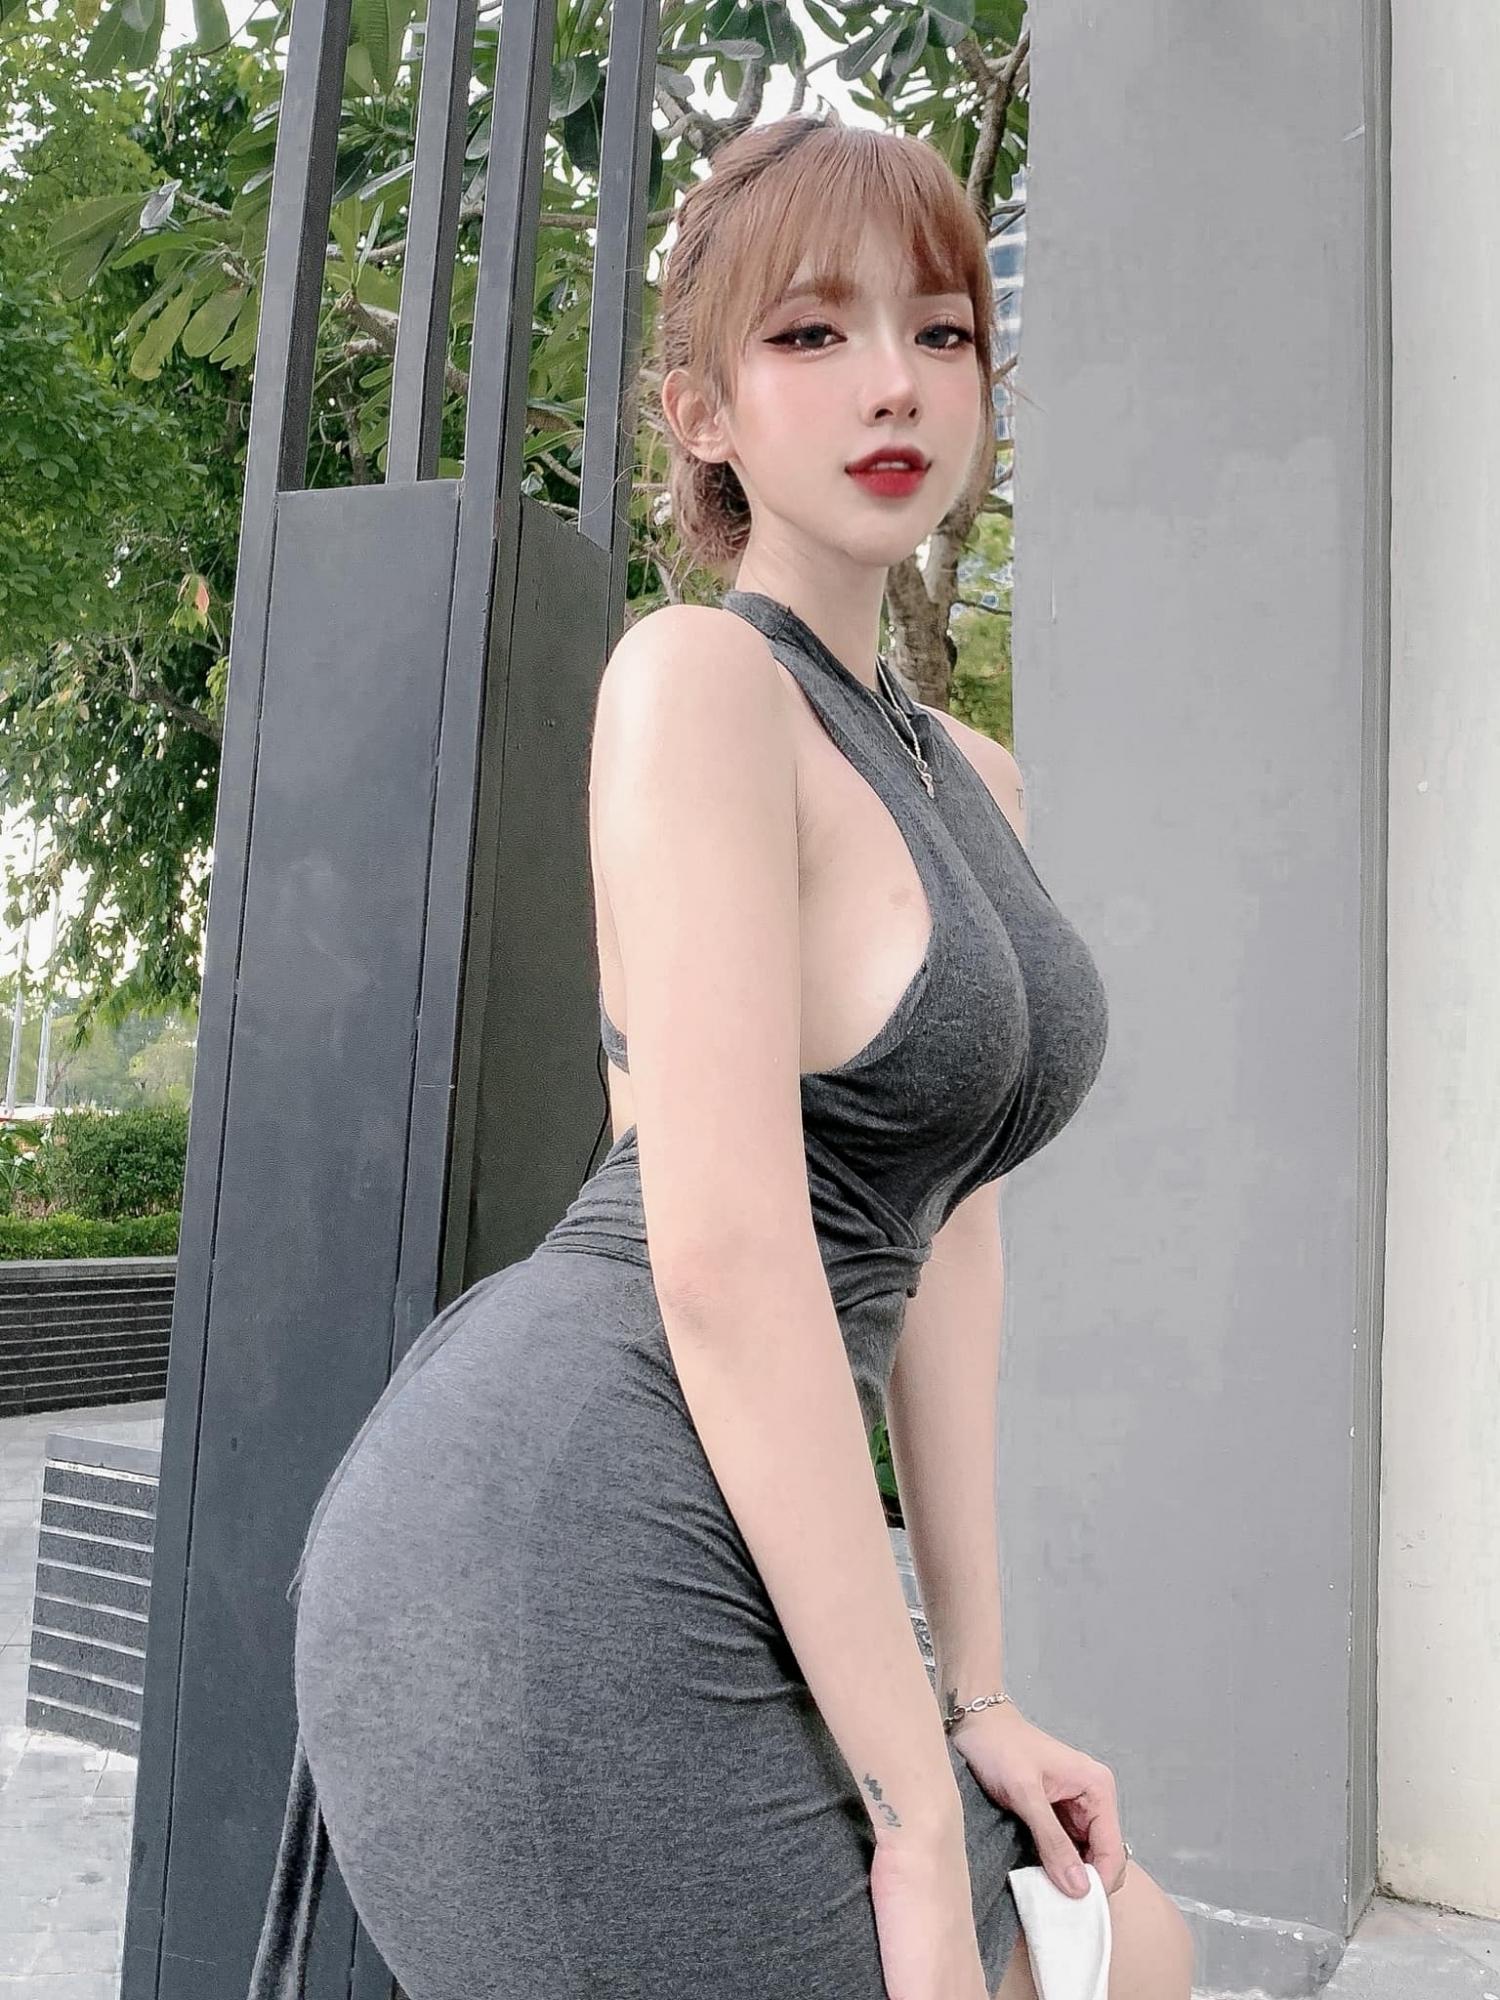 越南正妹mỹm超极品Body好像洋娃娃 养眼图片 第3张